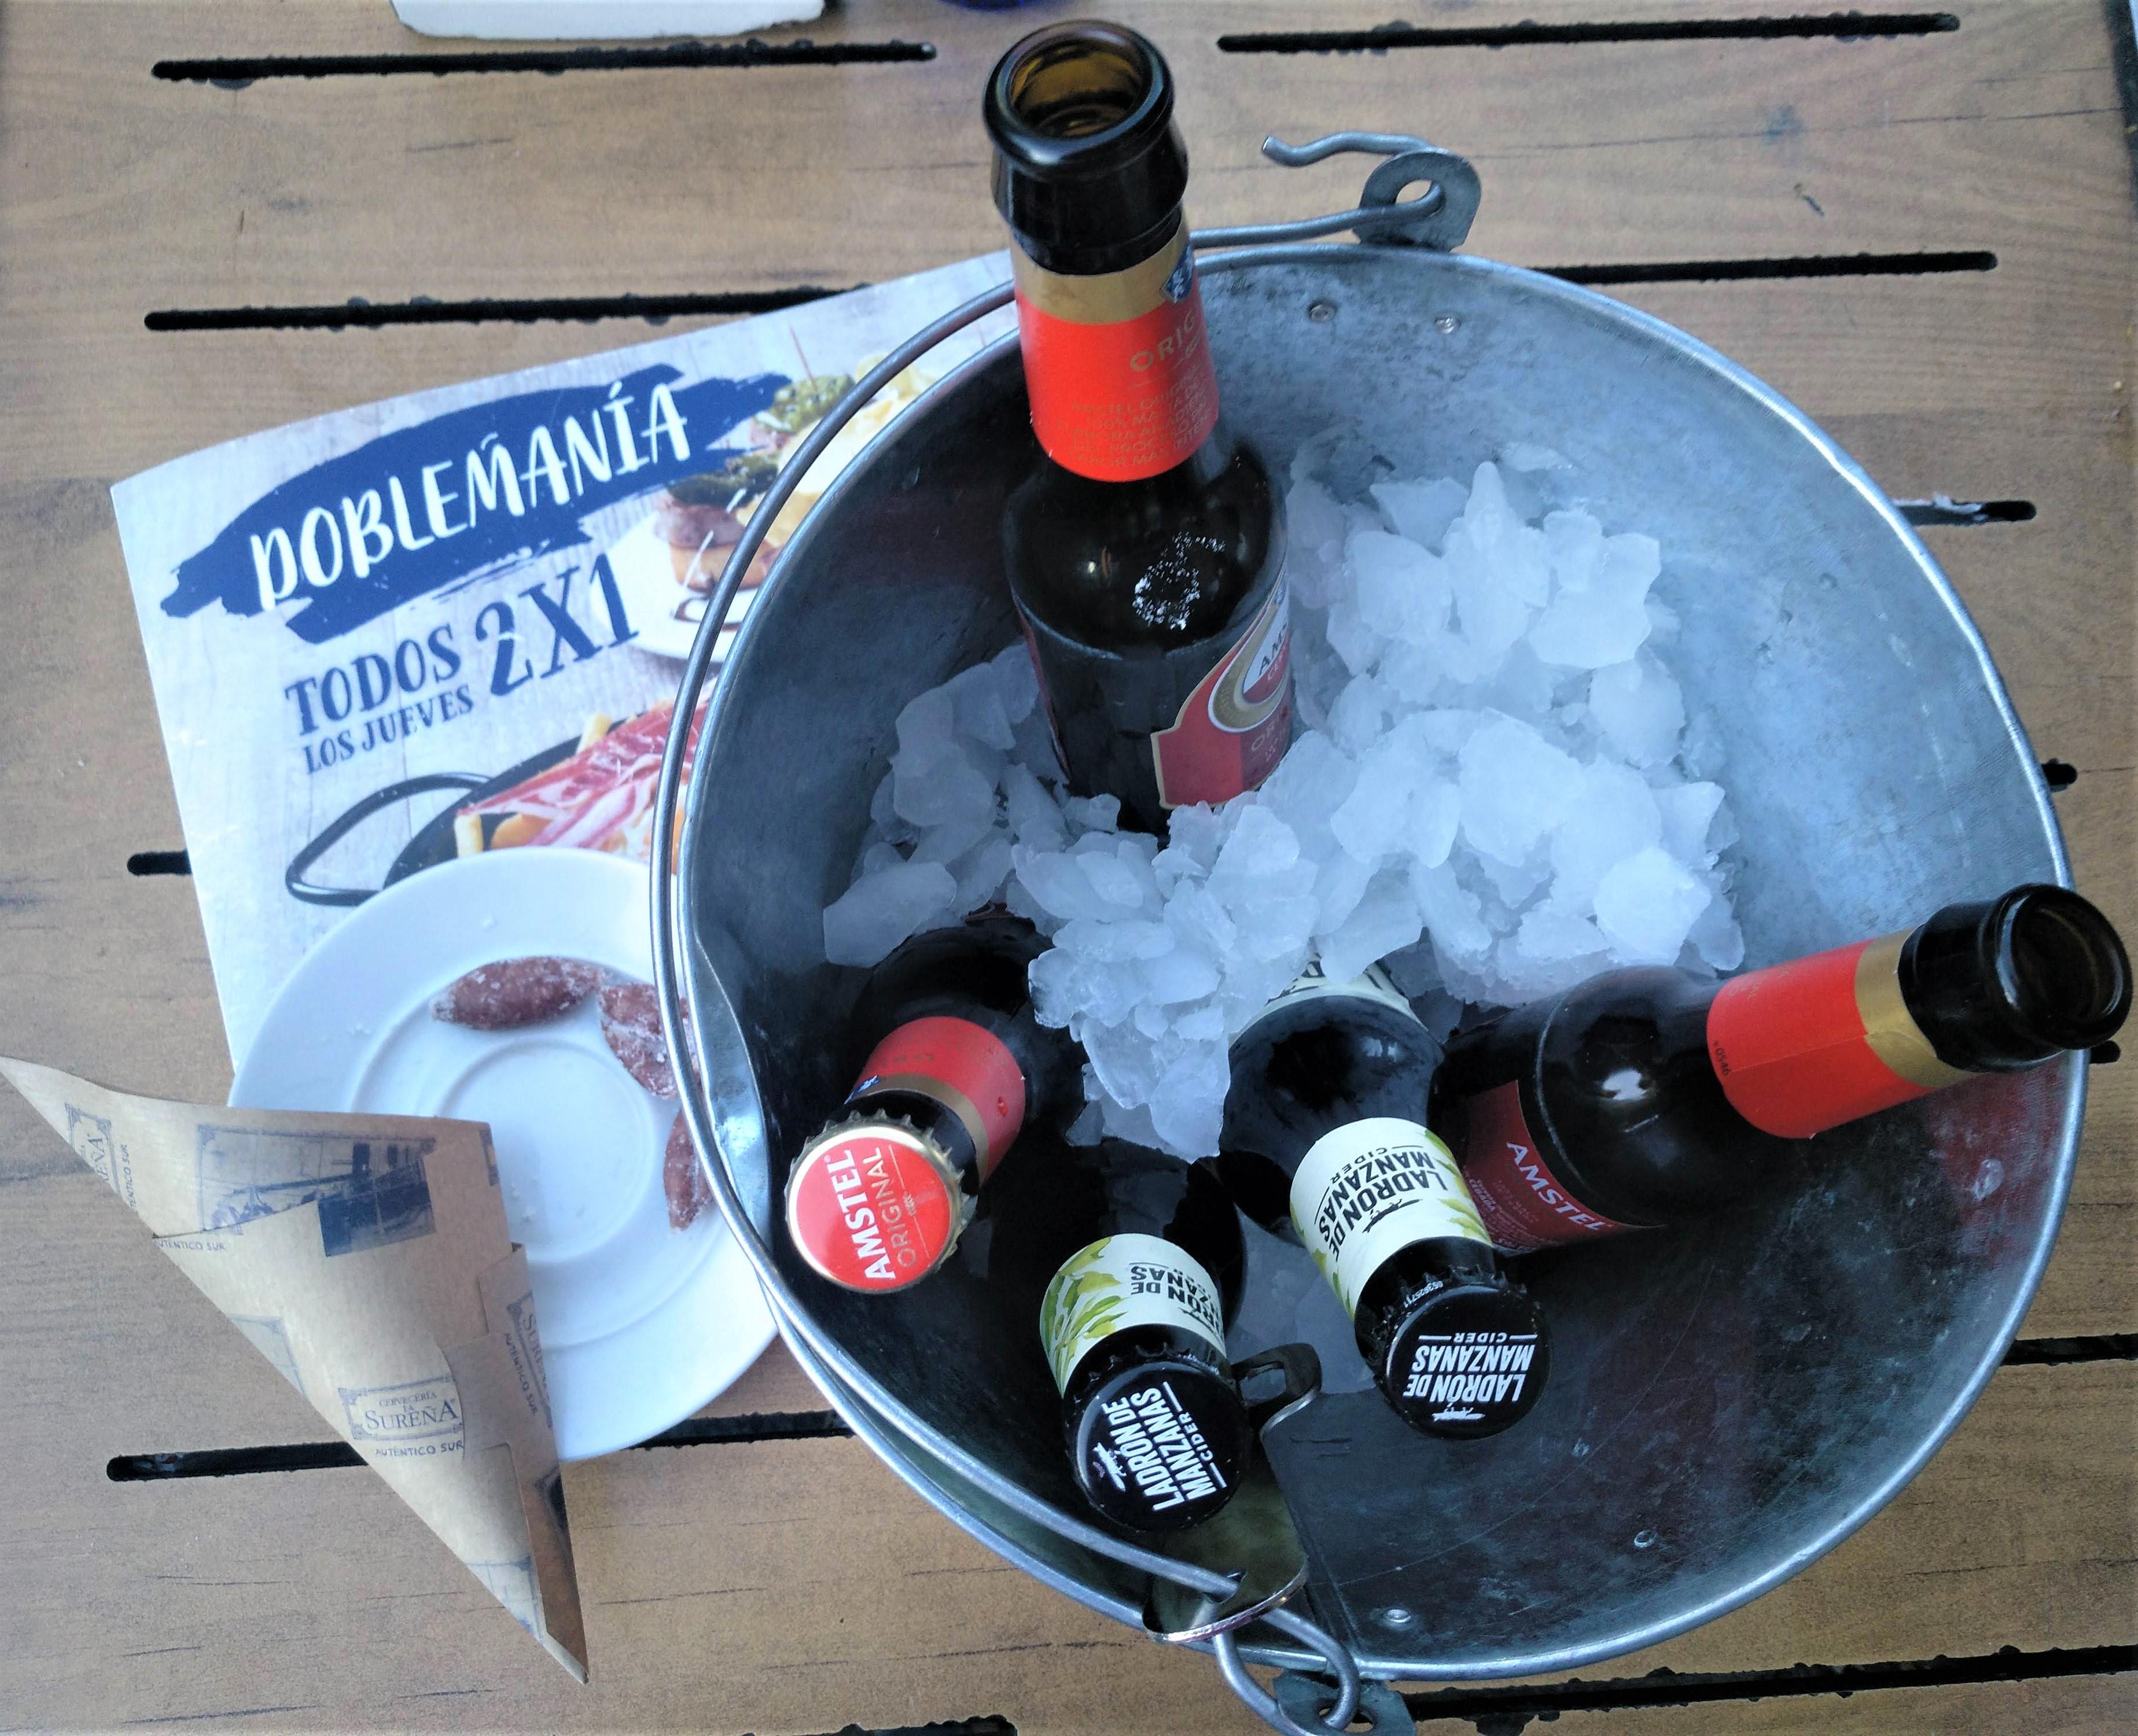 fľaškové pivo sa pije v Madride pri stretnutiach s priateľmi